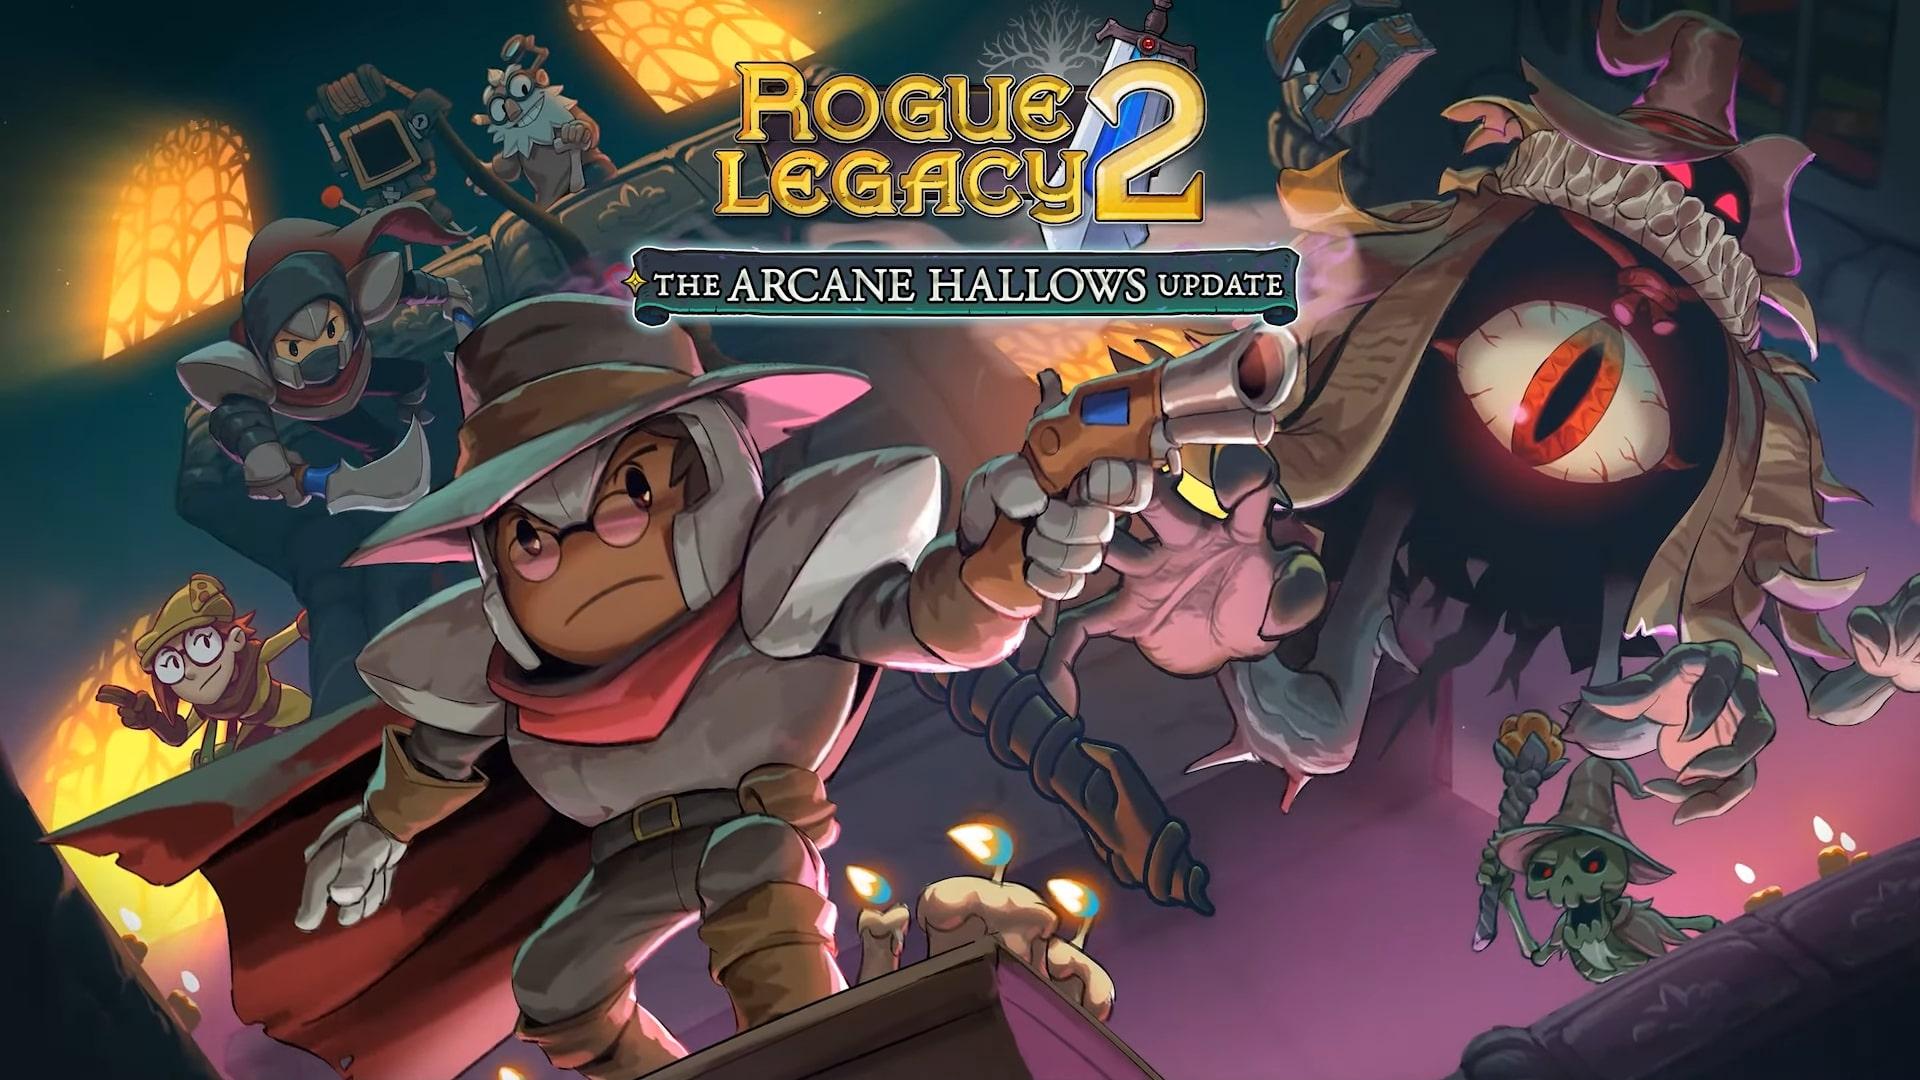 Rogue Legacy 2 Arcane Hallows